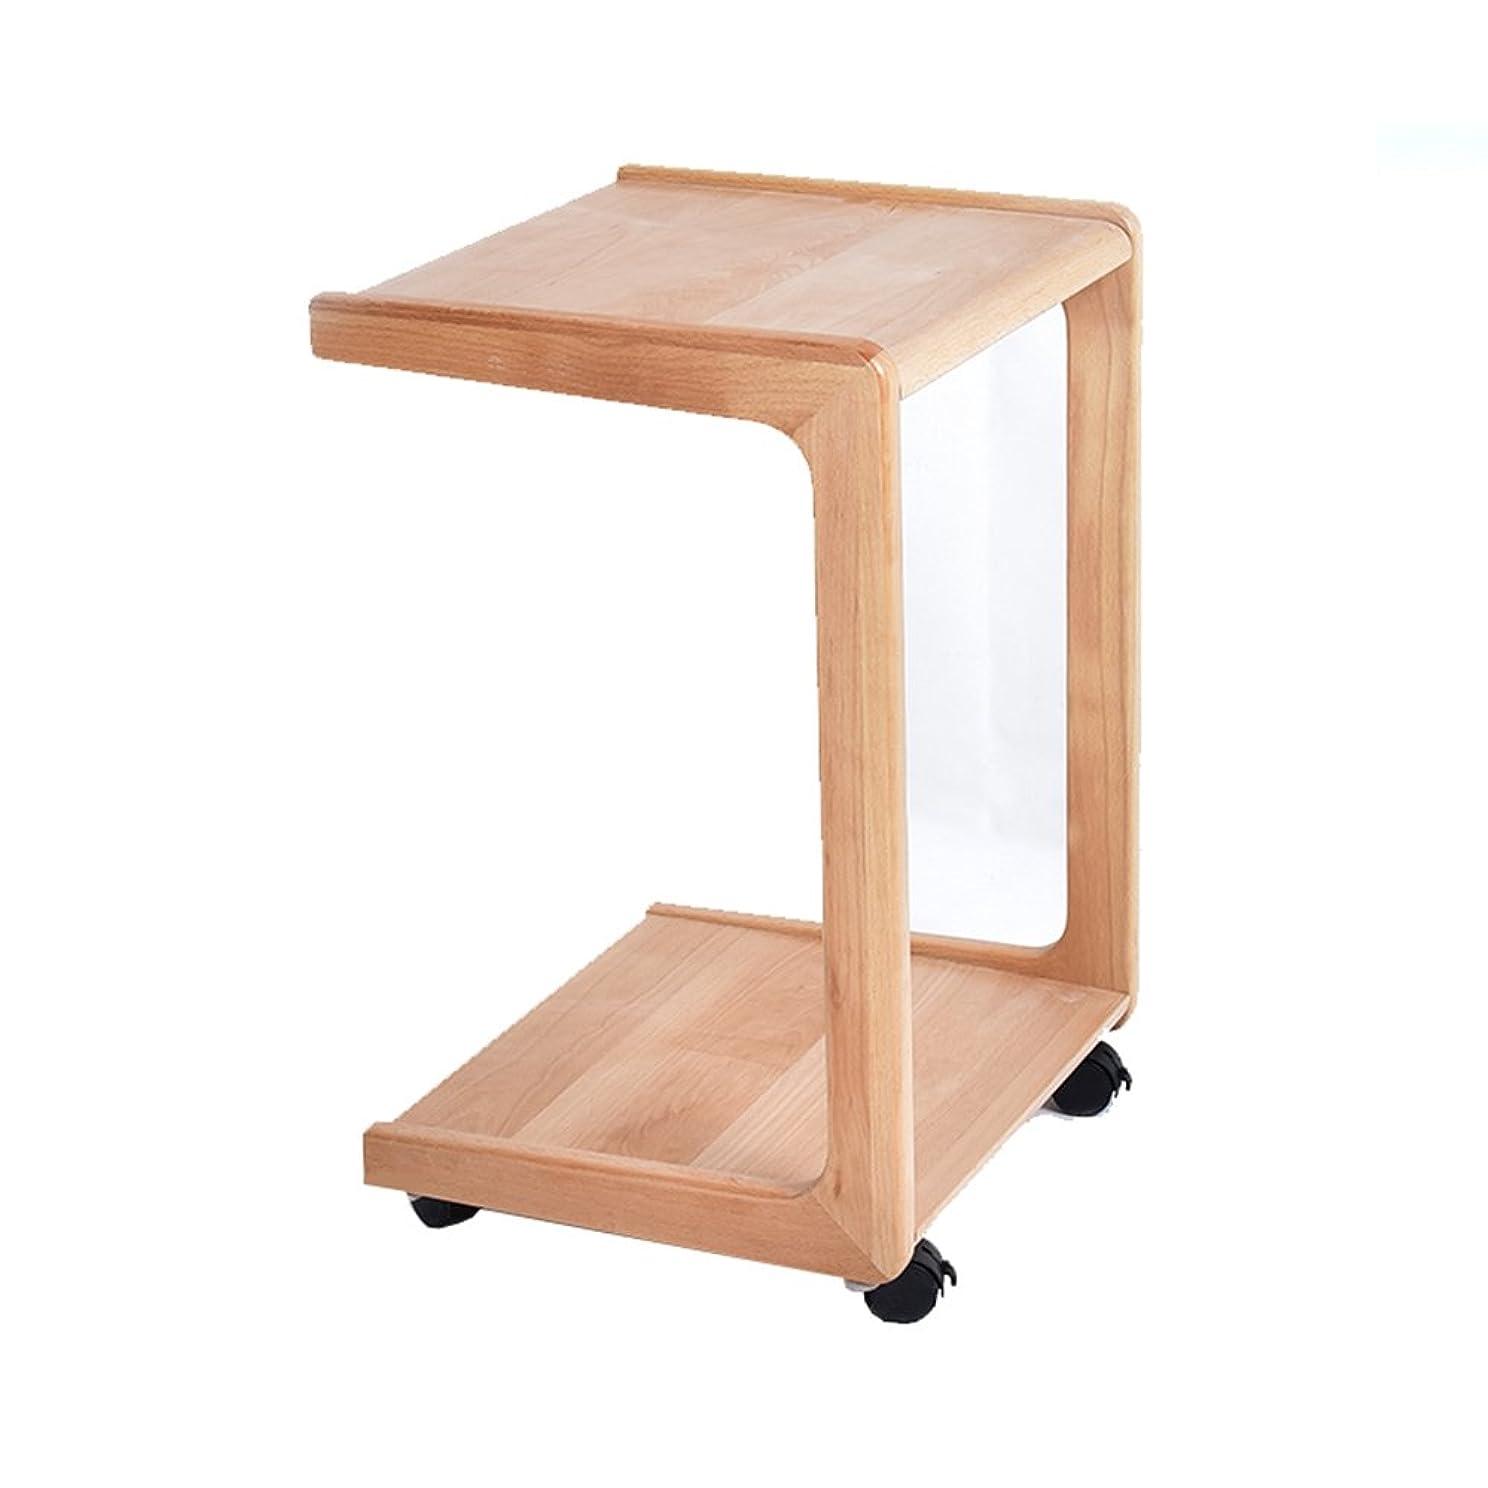 服を着る信じる浸すXiuHUa ソリッドウッドモバイルサイドテーブルコーヒーテーブルソファいくつかの四角いコーナーシンプルなソファサイドテーブルベッドサイドテーブル高硬度エルム ベッドルーム家具